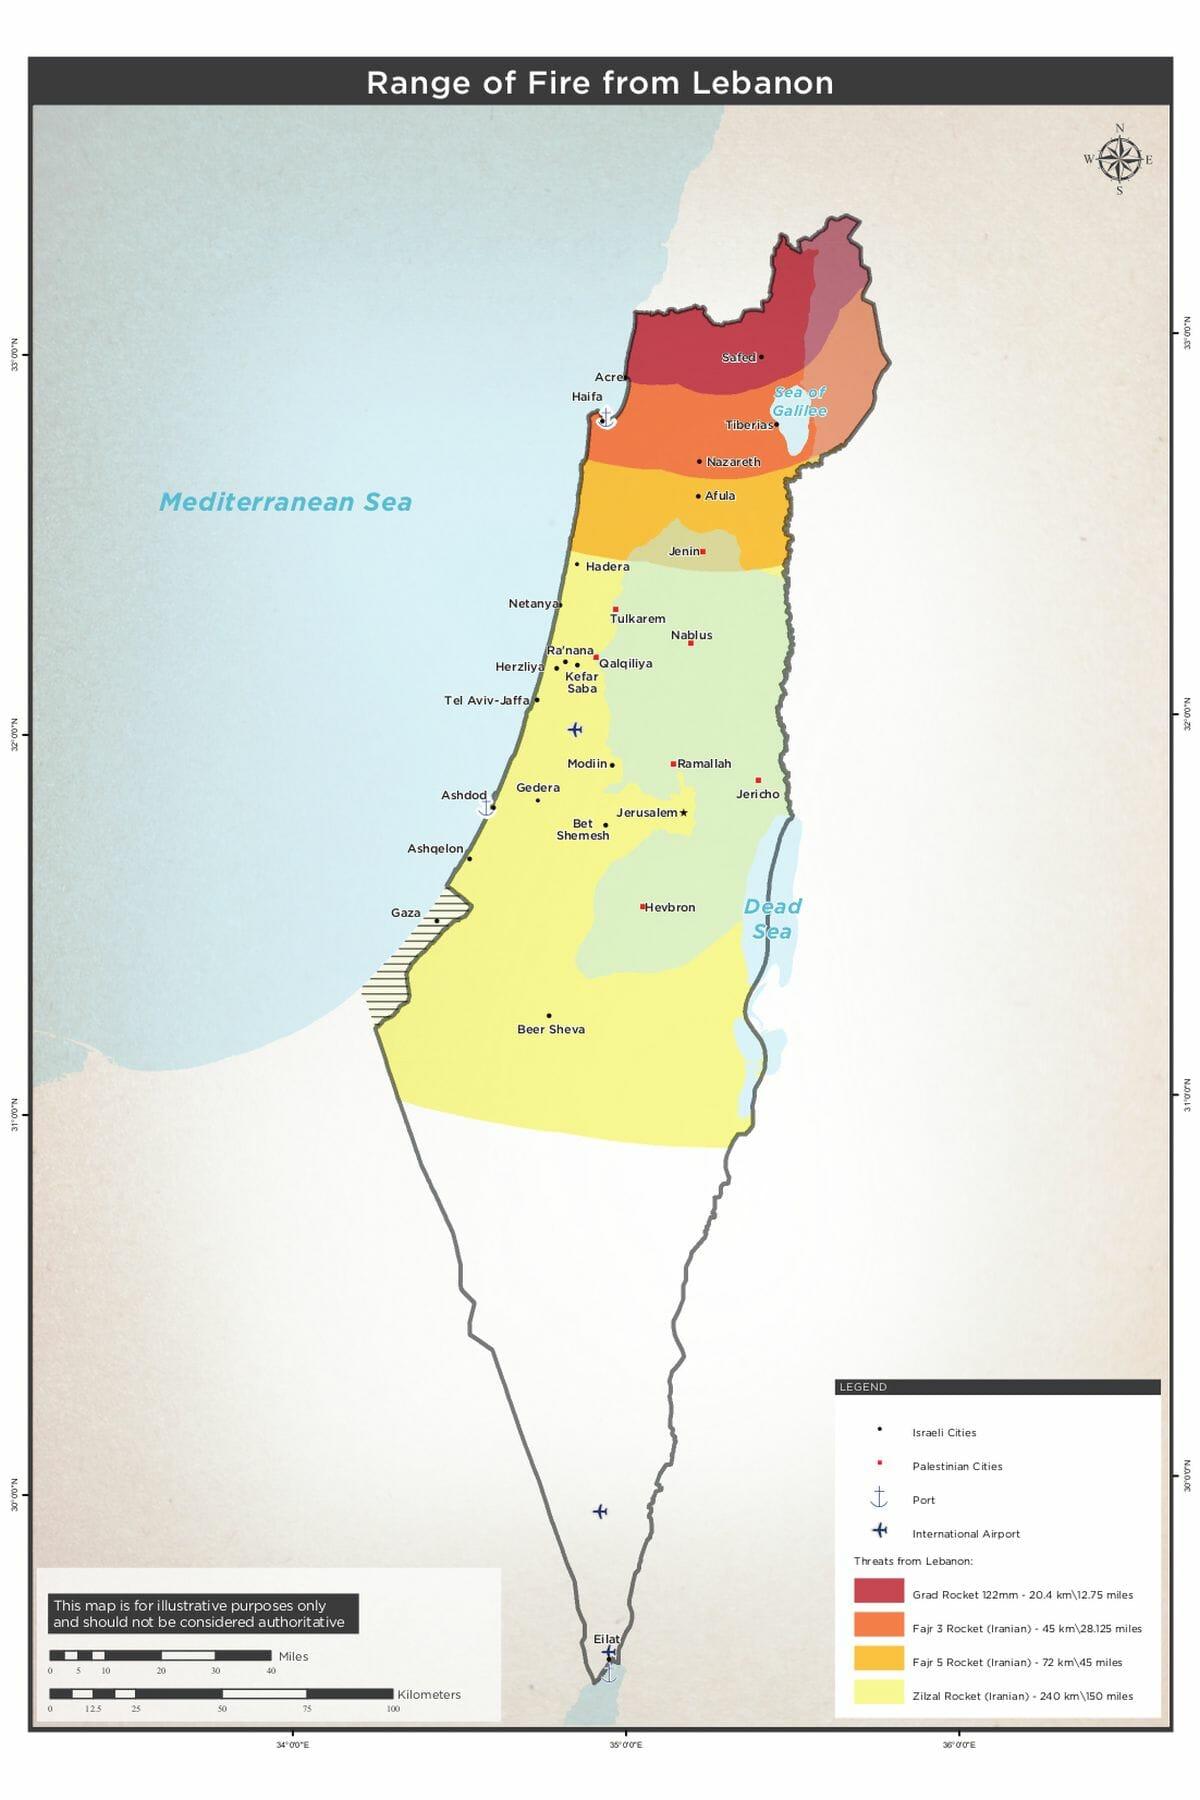 Reichweite der Raketen aus dem Libanon